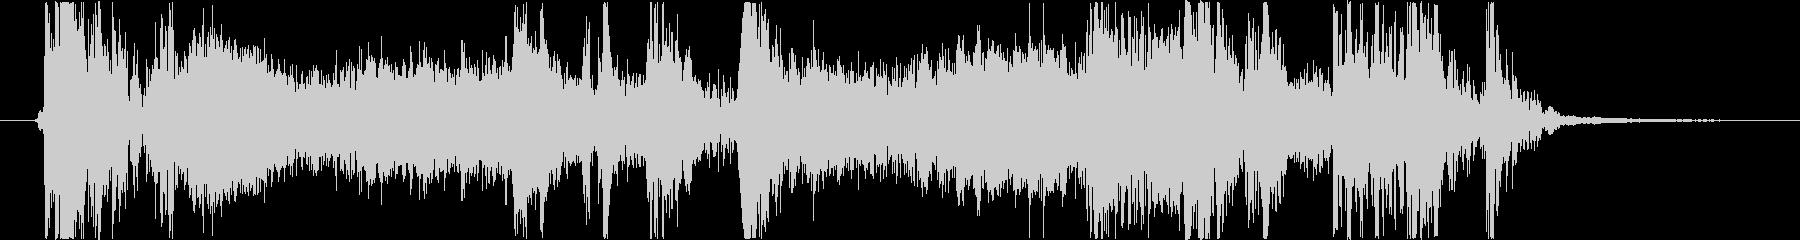 フィクション 力学 機械変換01の未再生の波形